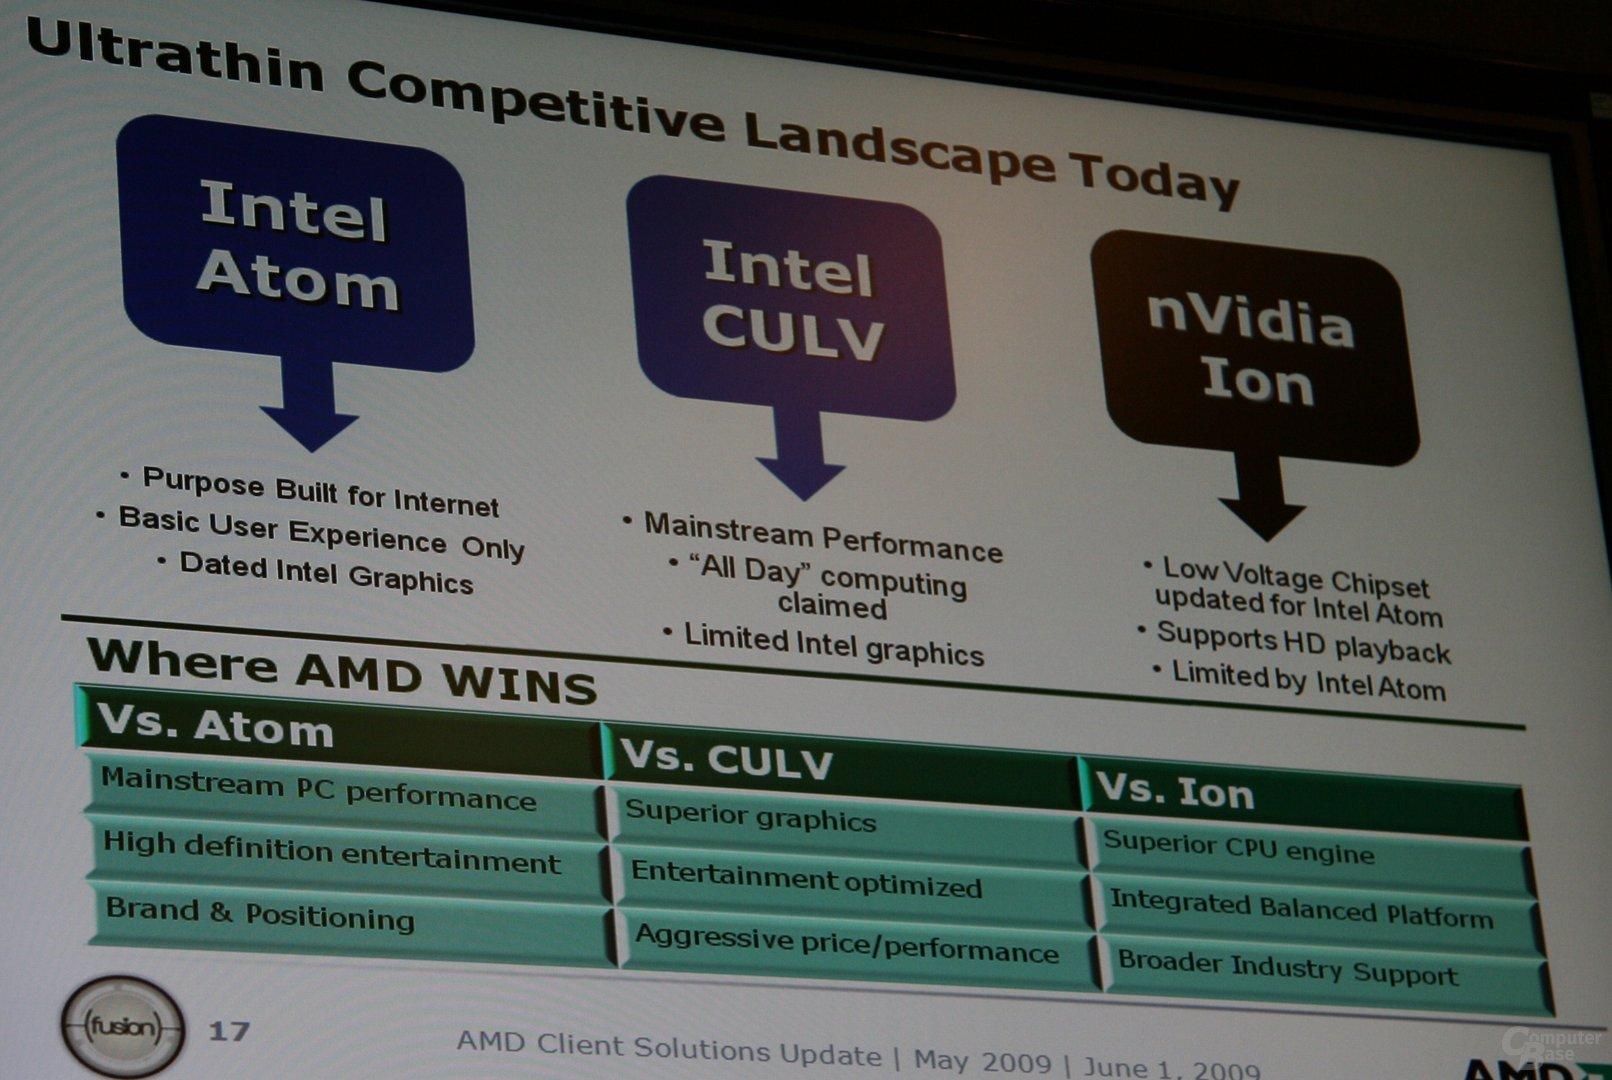 Konkurrenz vs. AMD bei Ultrathin-Notebooks